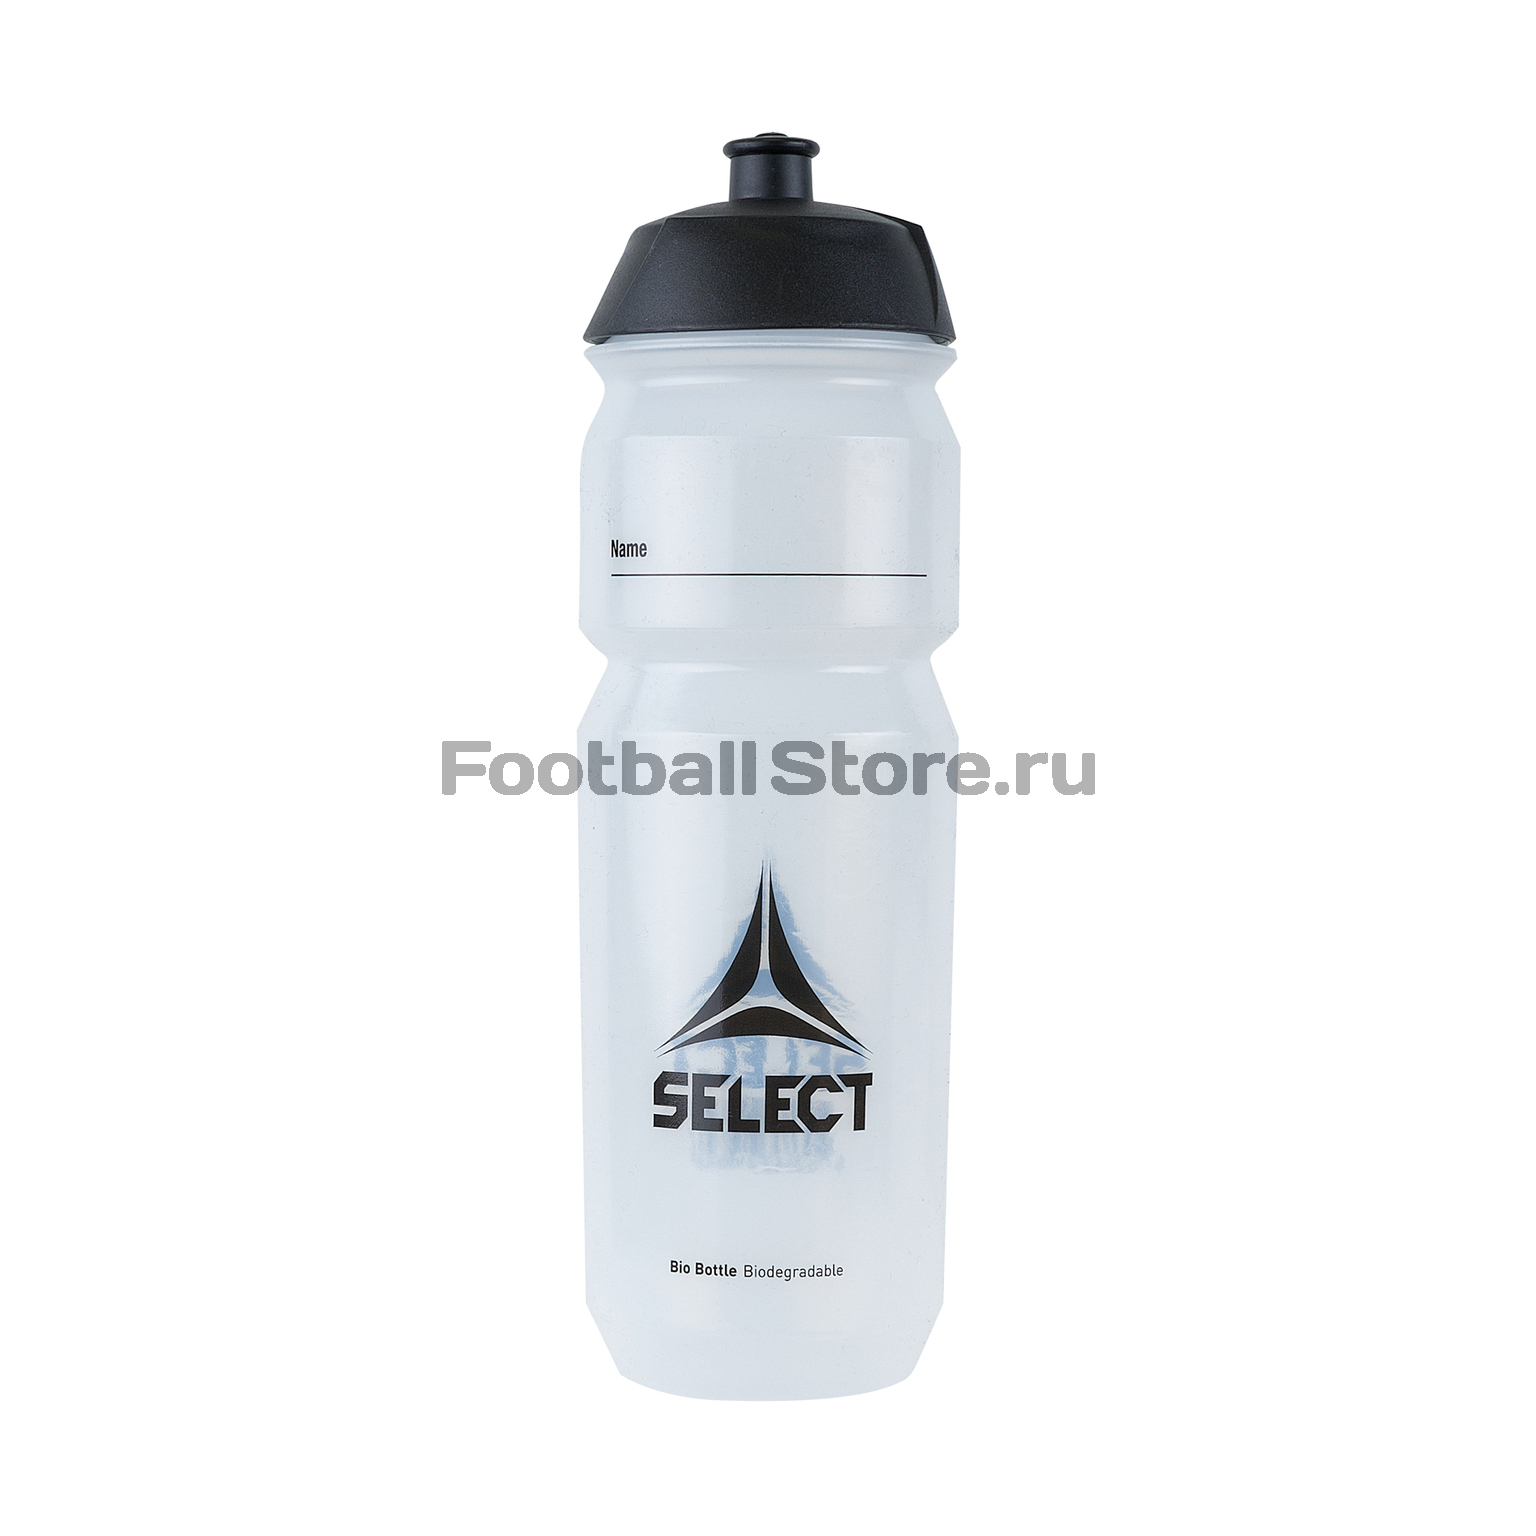 Бутылка для воды Select арт. 700806 цена